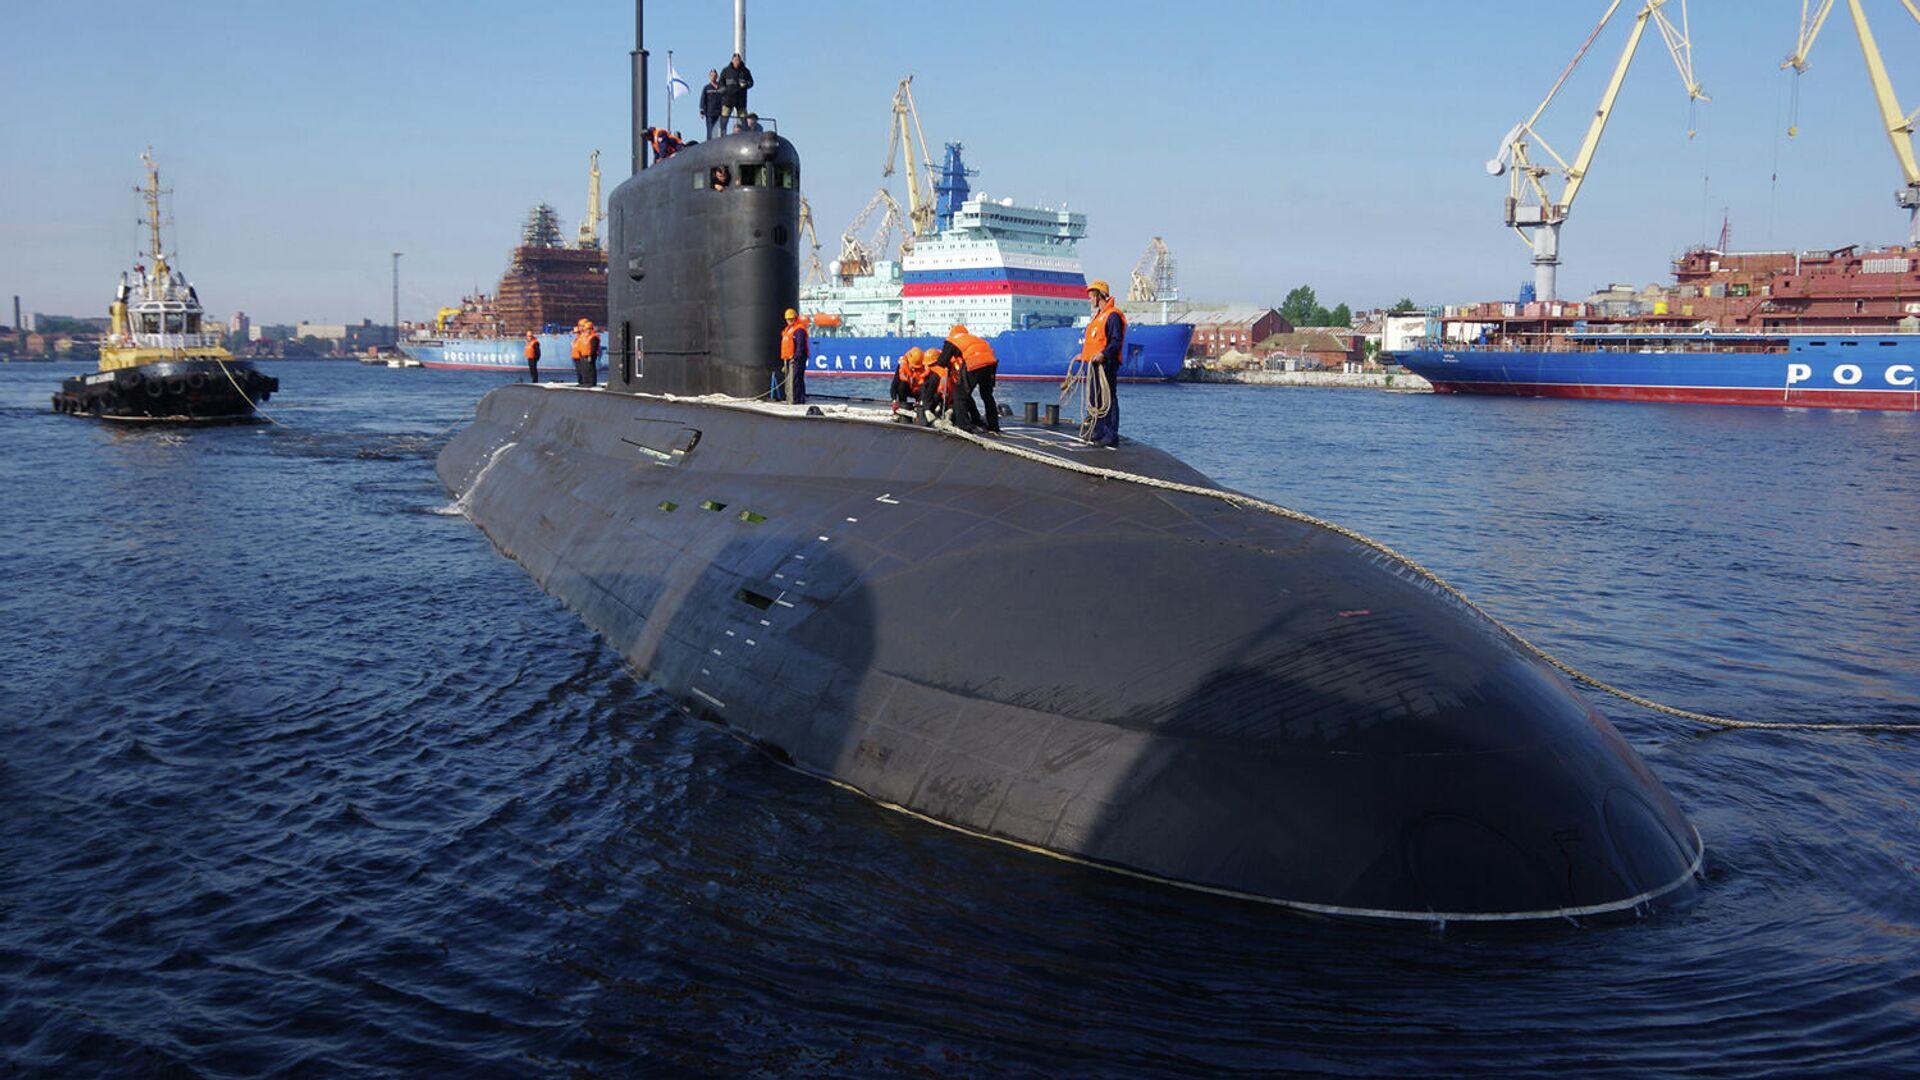 Большая дизель-электрическая подводная лодка Волхов - РИА Новости, 1920, 26.10.2020